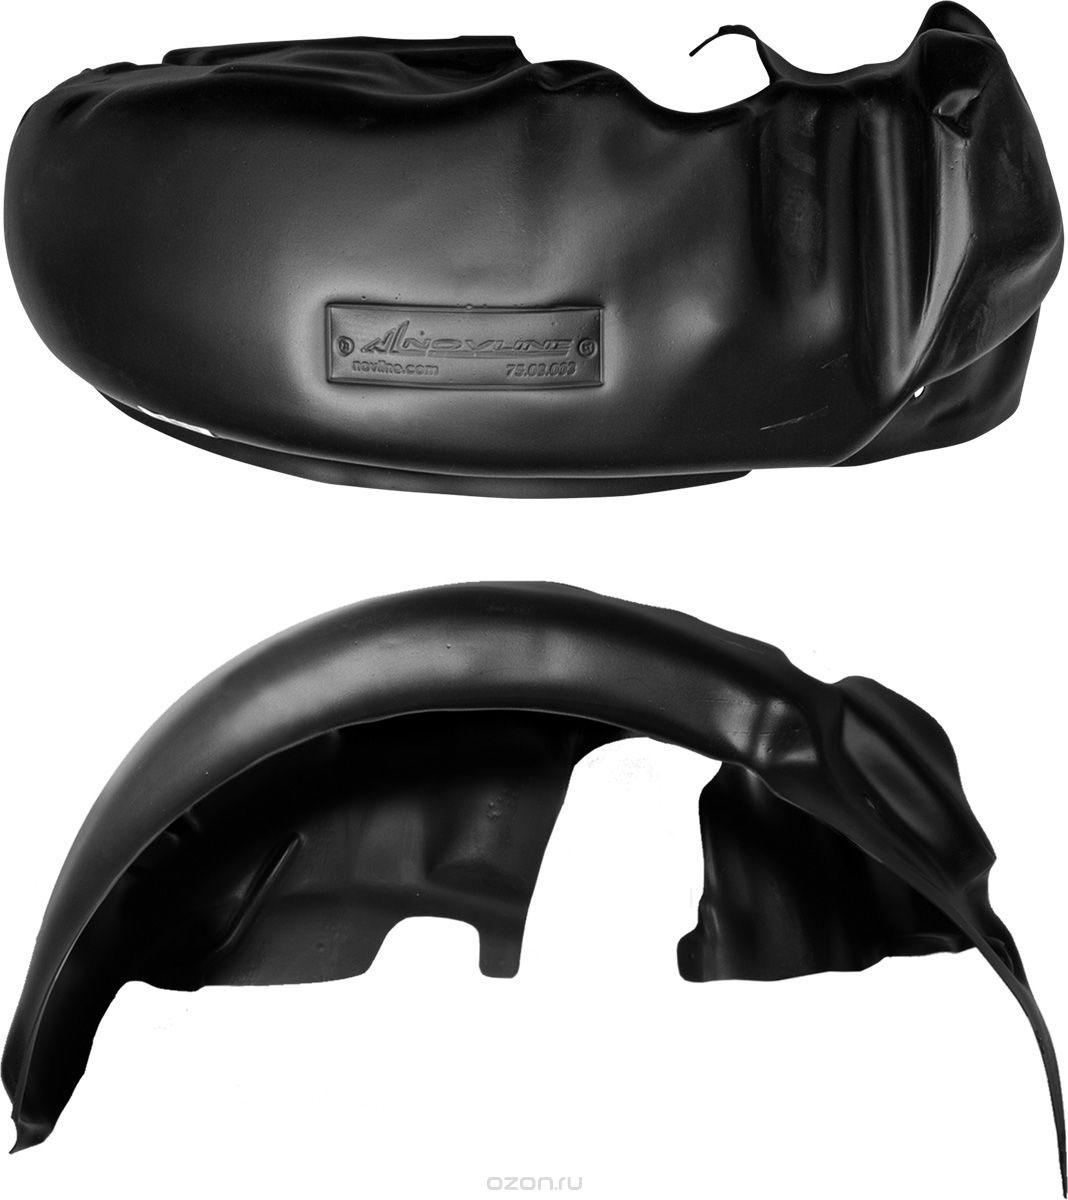 Подкрылок Novline-Autofamily, для Toyota Verso, 2012->, передний левыйNLL.48.55.001Идеальная защита колесной ниши. Локеры разработаны с применением цифровых технологий, гарантируют максимальную повторяемость поверхности арки. Изделия устанавливаются без нарушения лакокрасочного покрытия автомобиля, каждый подкрылок комплектуется крепежом. Уважаемые клиенты, обращаем ваше внимание, что фотографии на подкрылки универсальные и не отражают реальную форму изделия. При этом само изделие идет точно под размер указанного автомобиля.